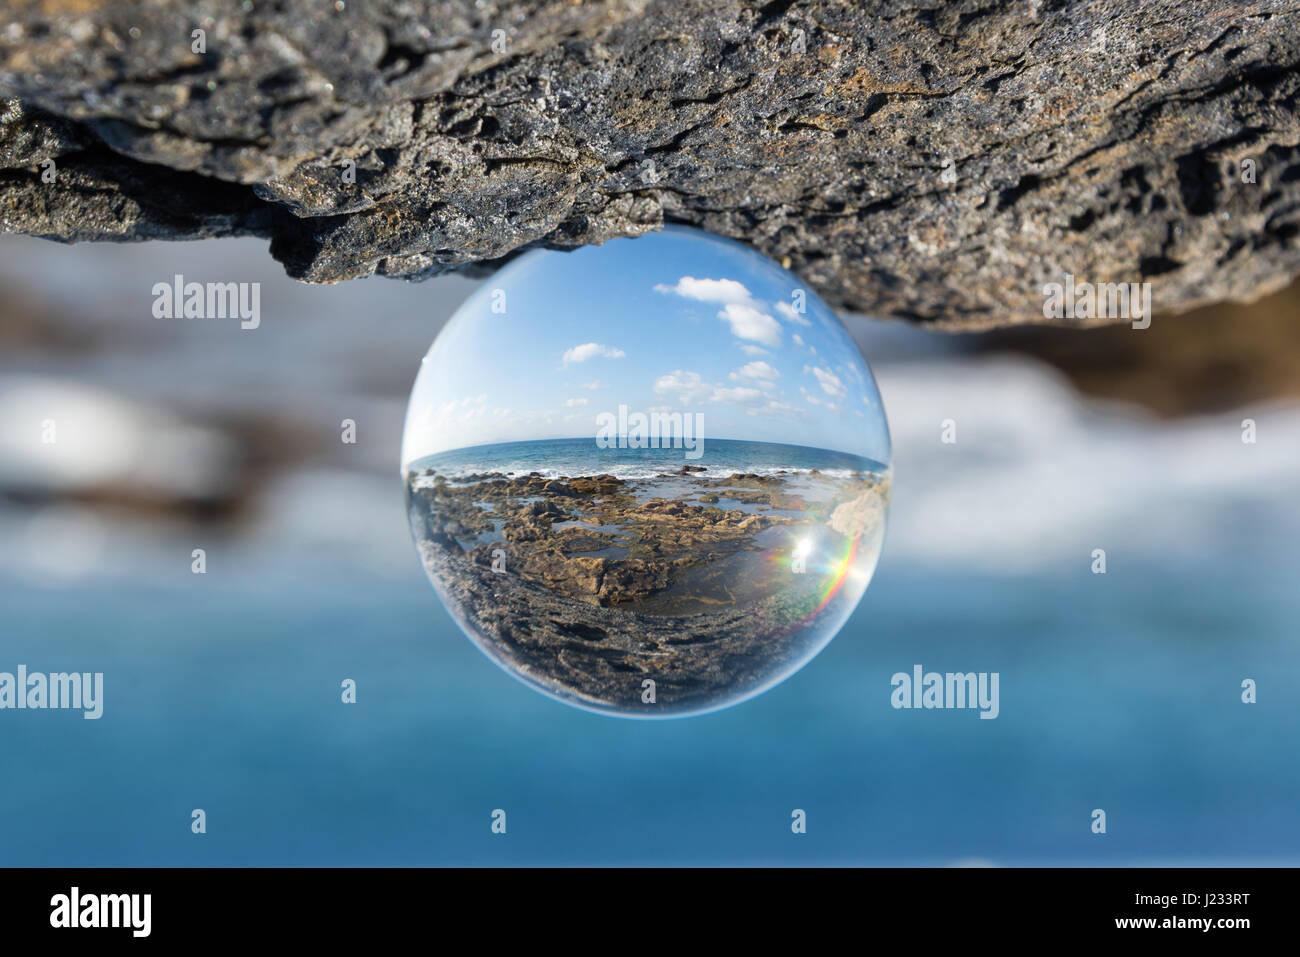 Paysage de mer et rochers vus à travers une bille de verre Photo Stock